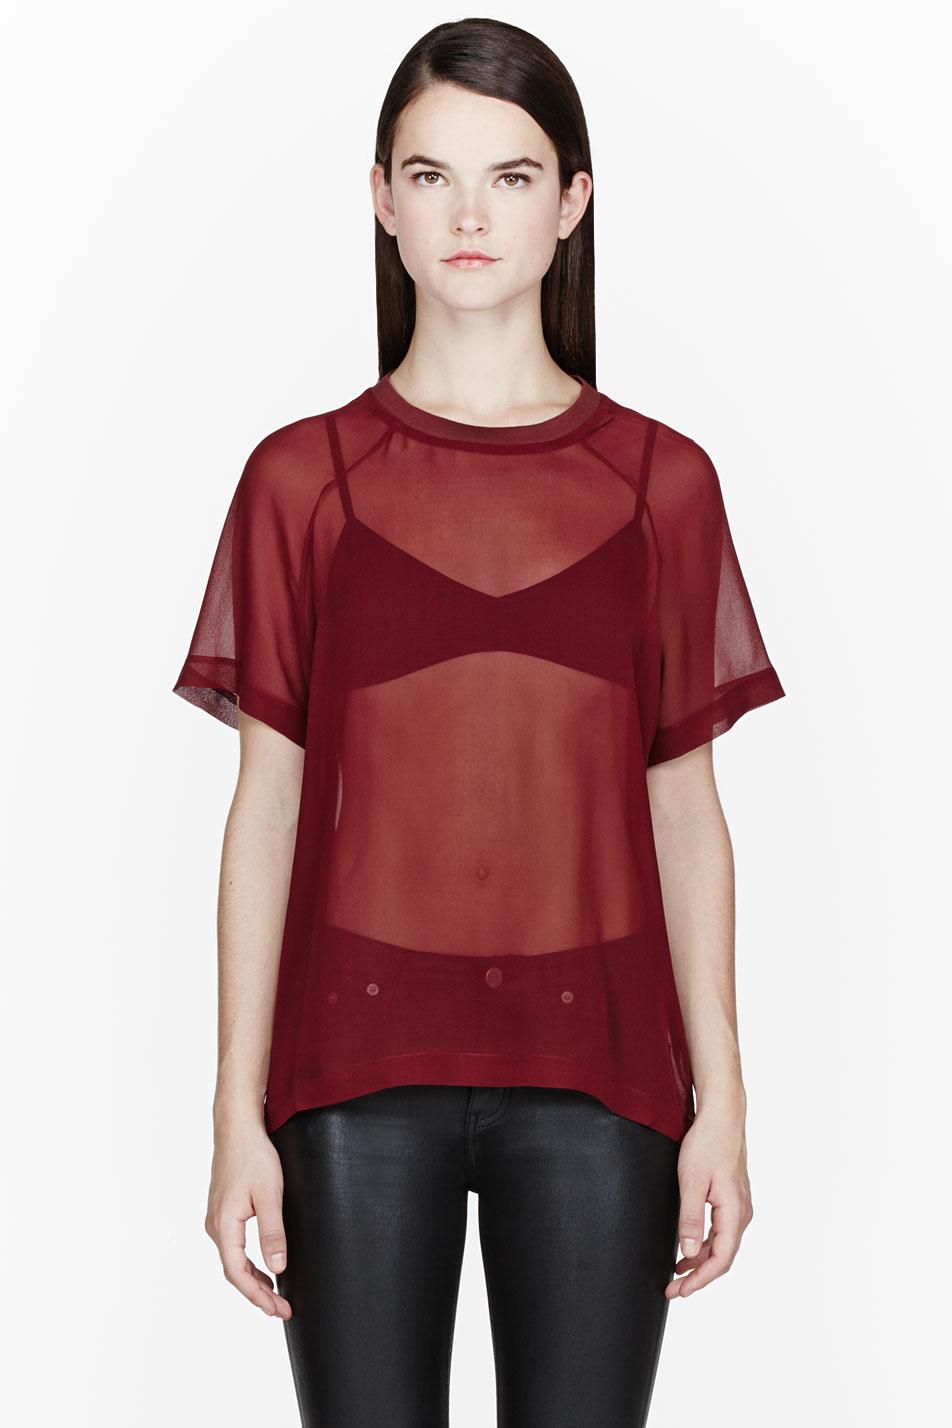 blk dnm maroon silk sheer raglan tshirt in brown maroon